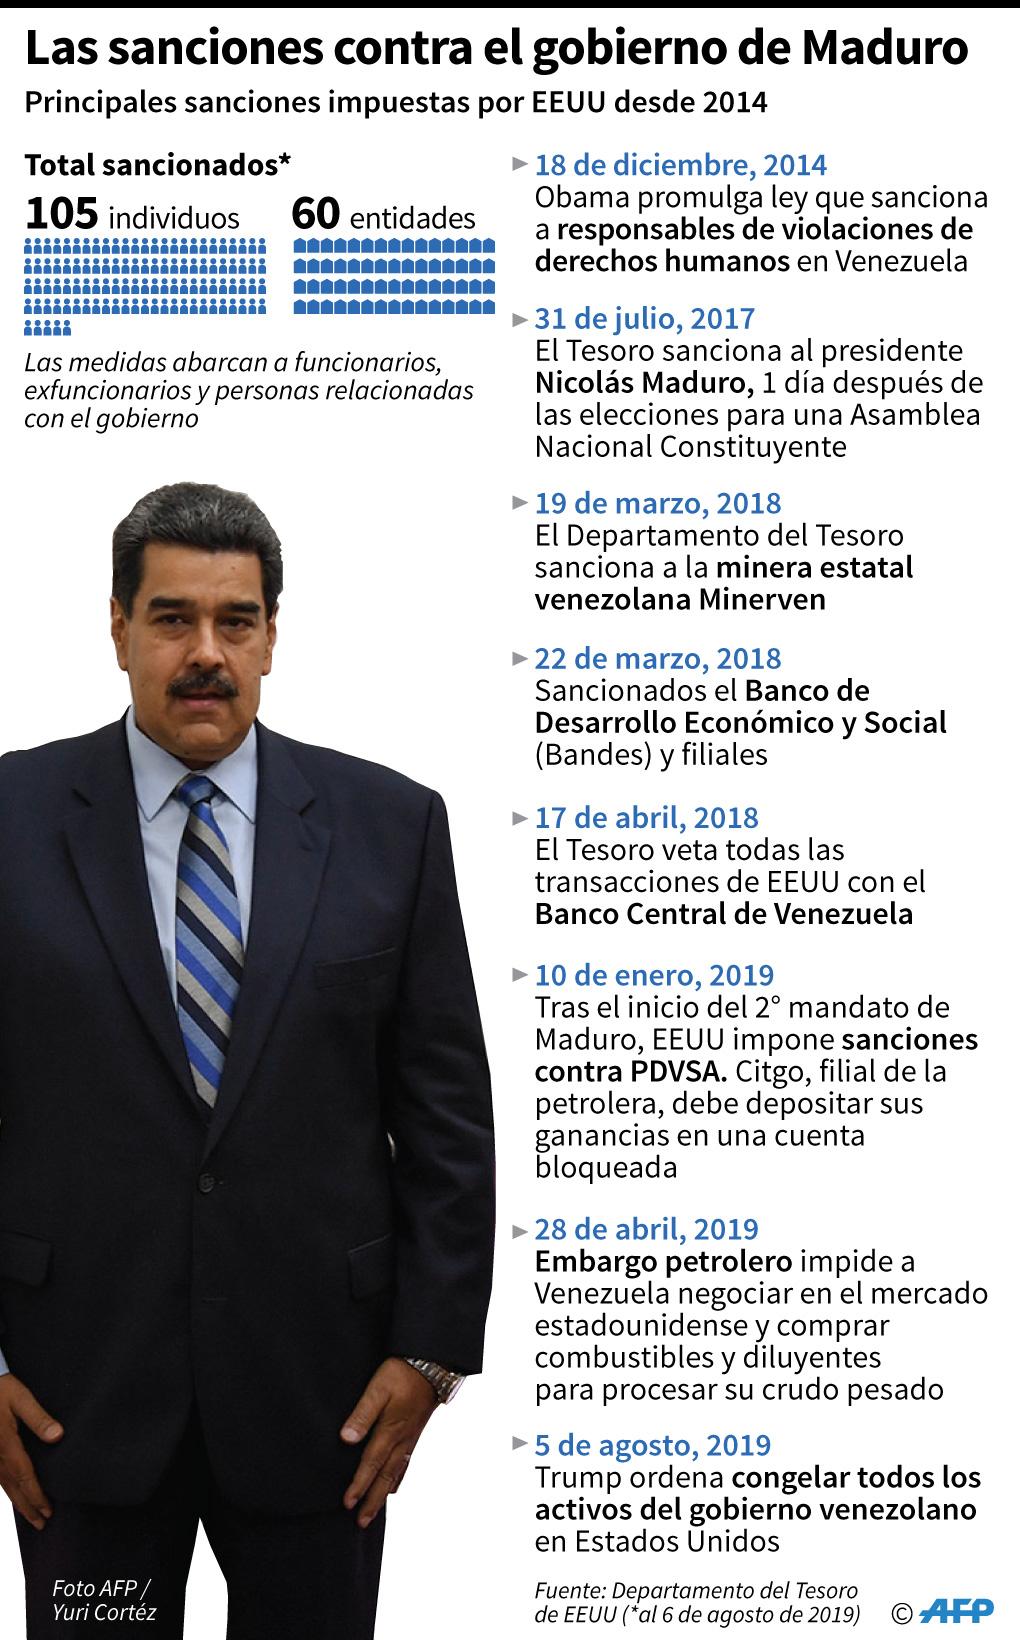 Las principales sanciones impuestas por USA al régimen de Nicolás Maduro desde 2014. (AFP)